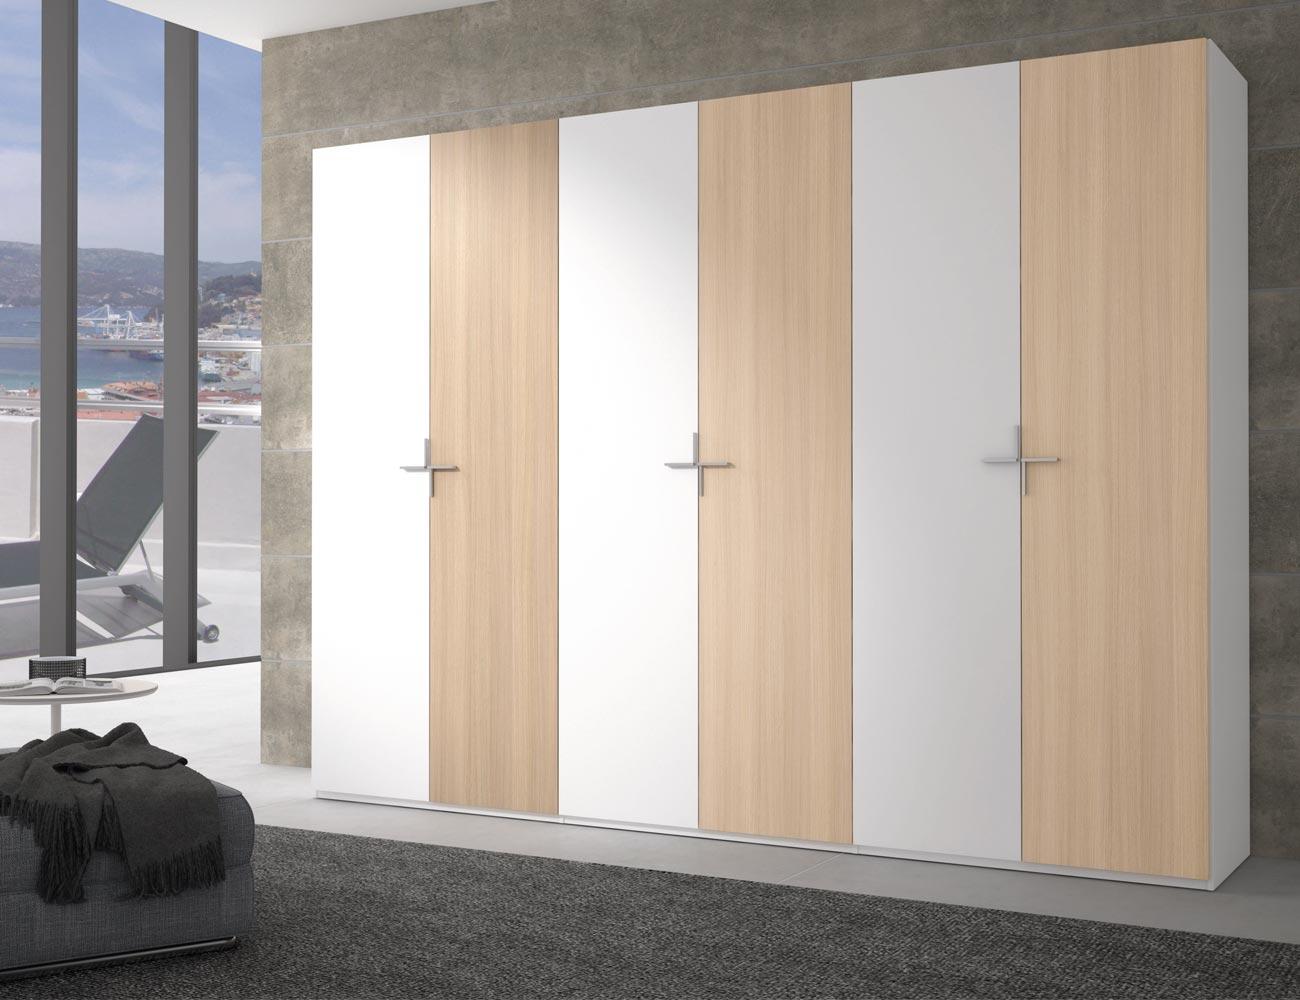 Armario puertas abatibles blanco roble7